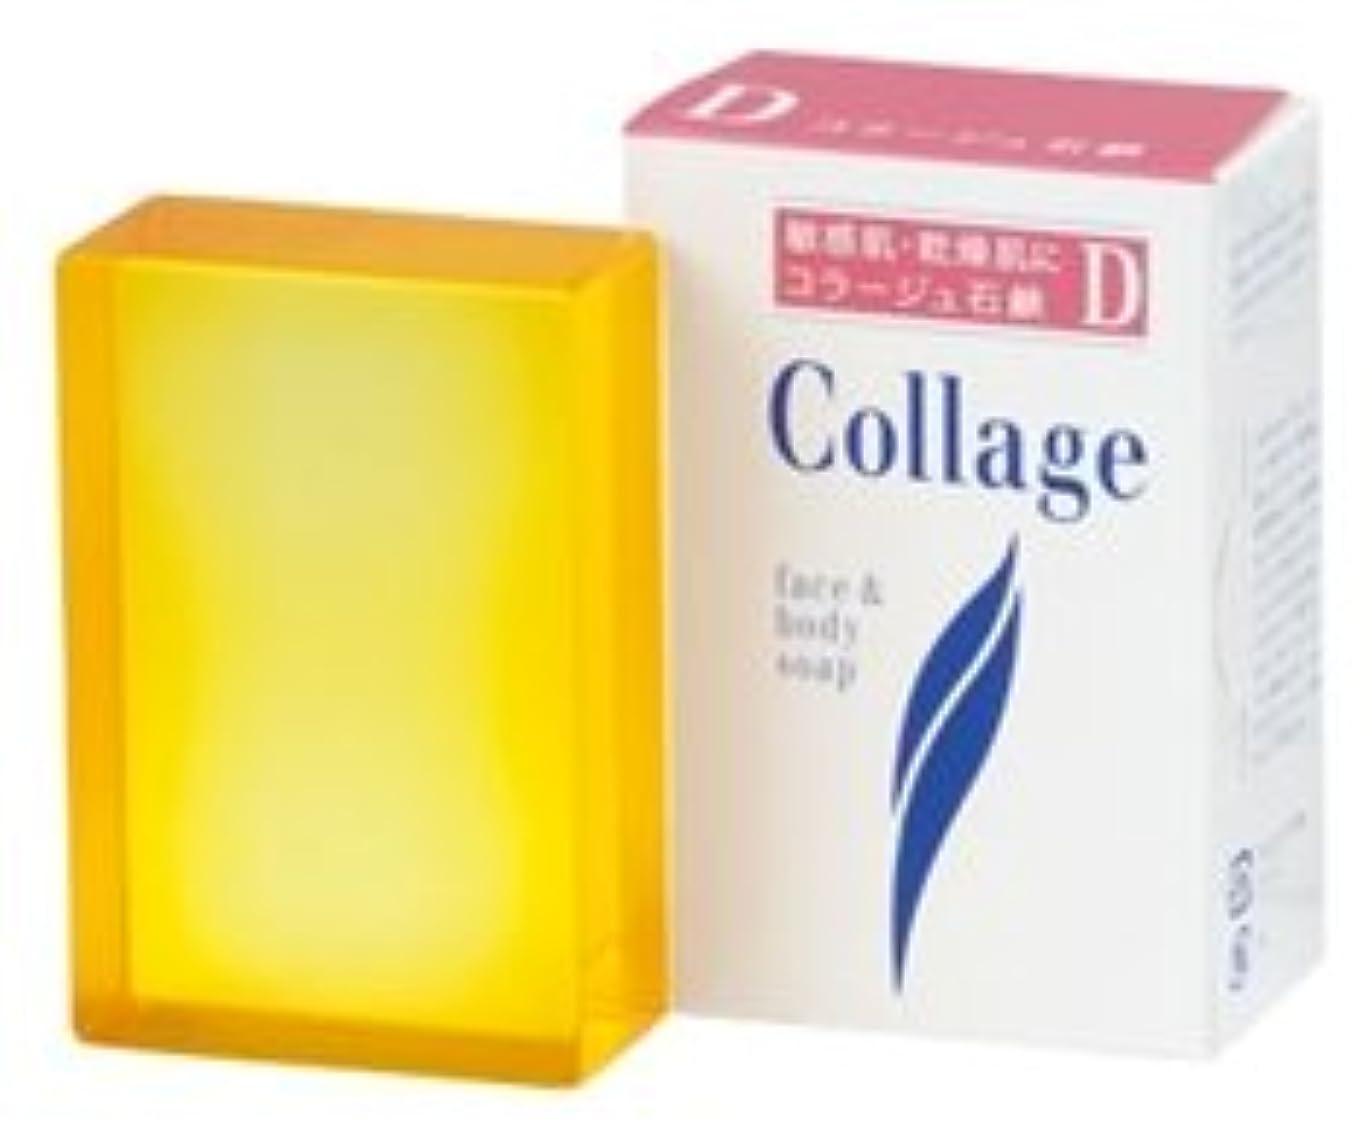 実現可能性涙が出る特異なコラージュD乾性肌用石鹸100g×2 1342